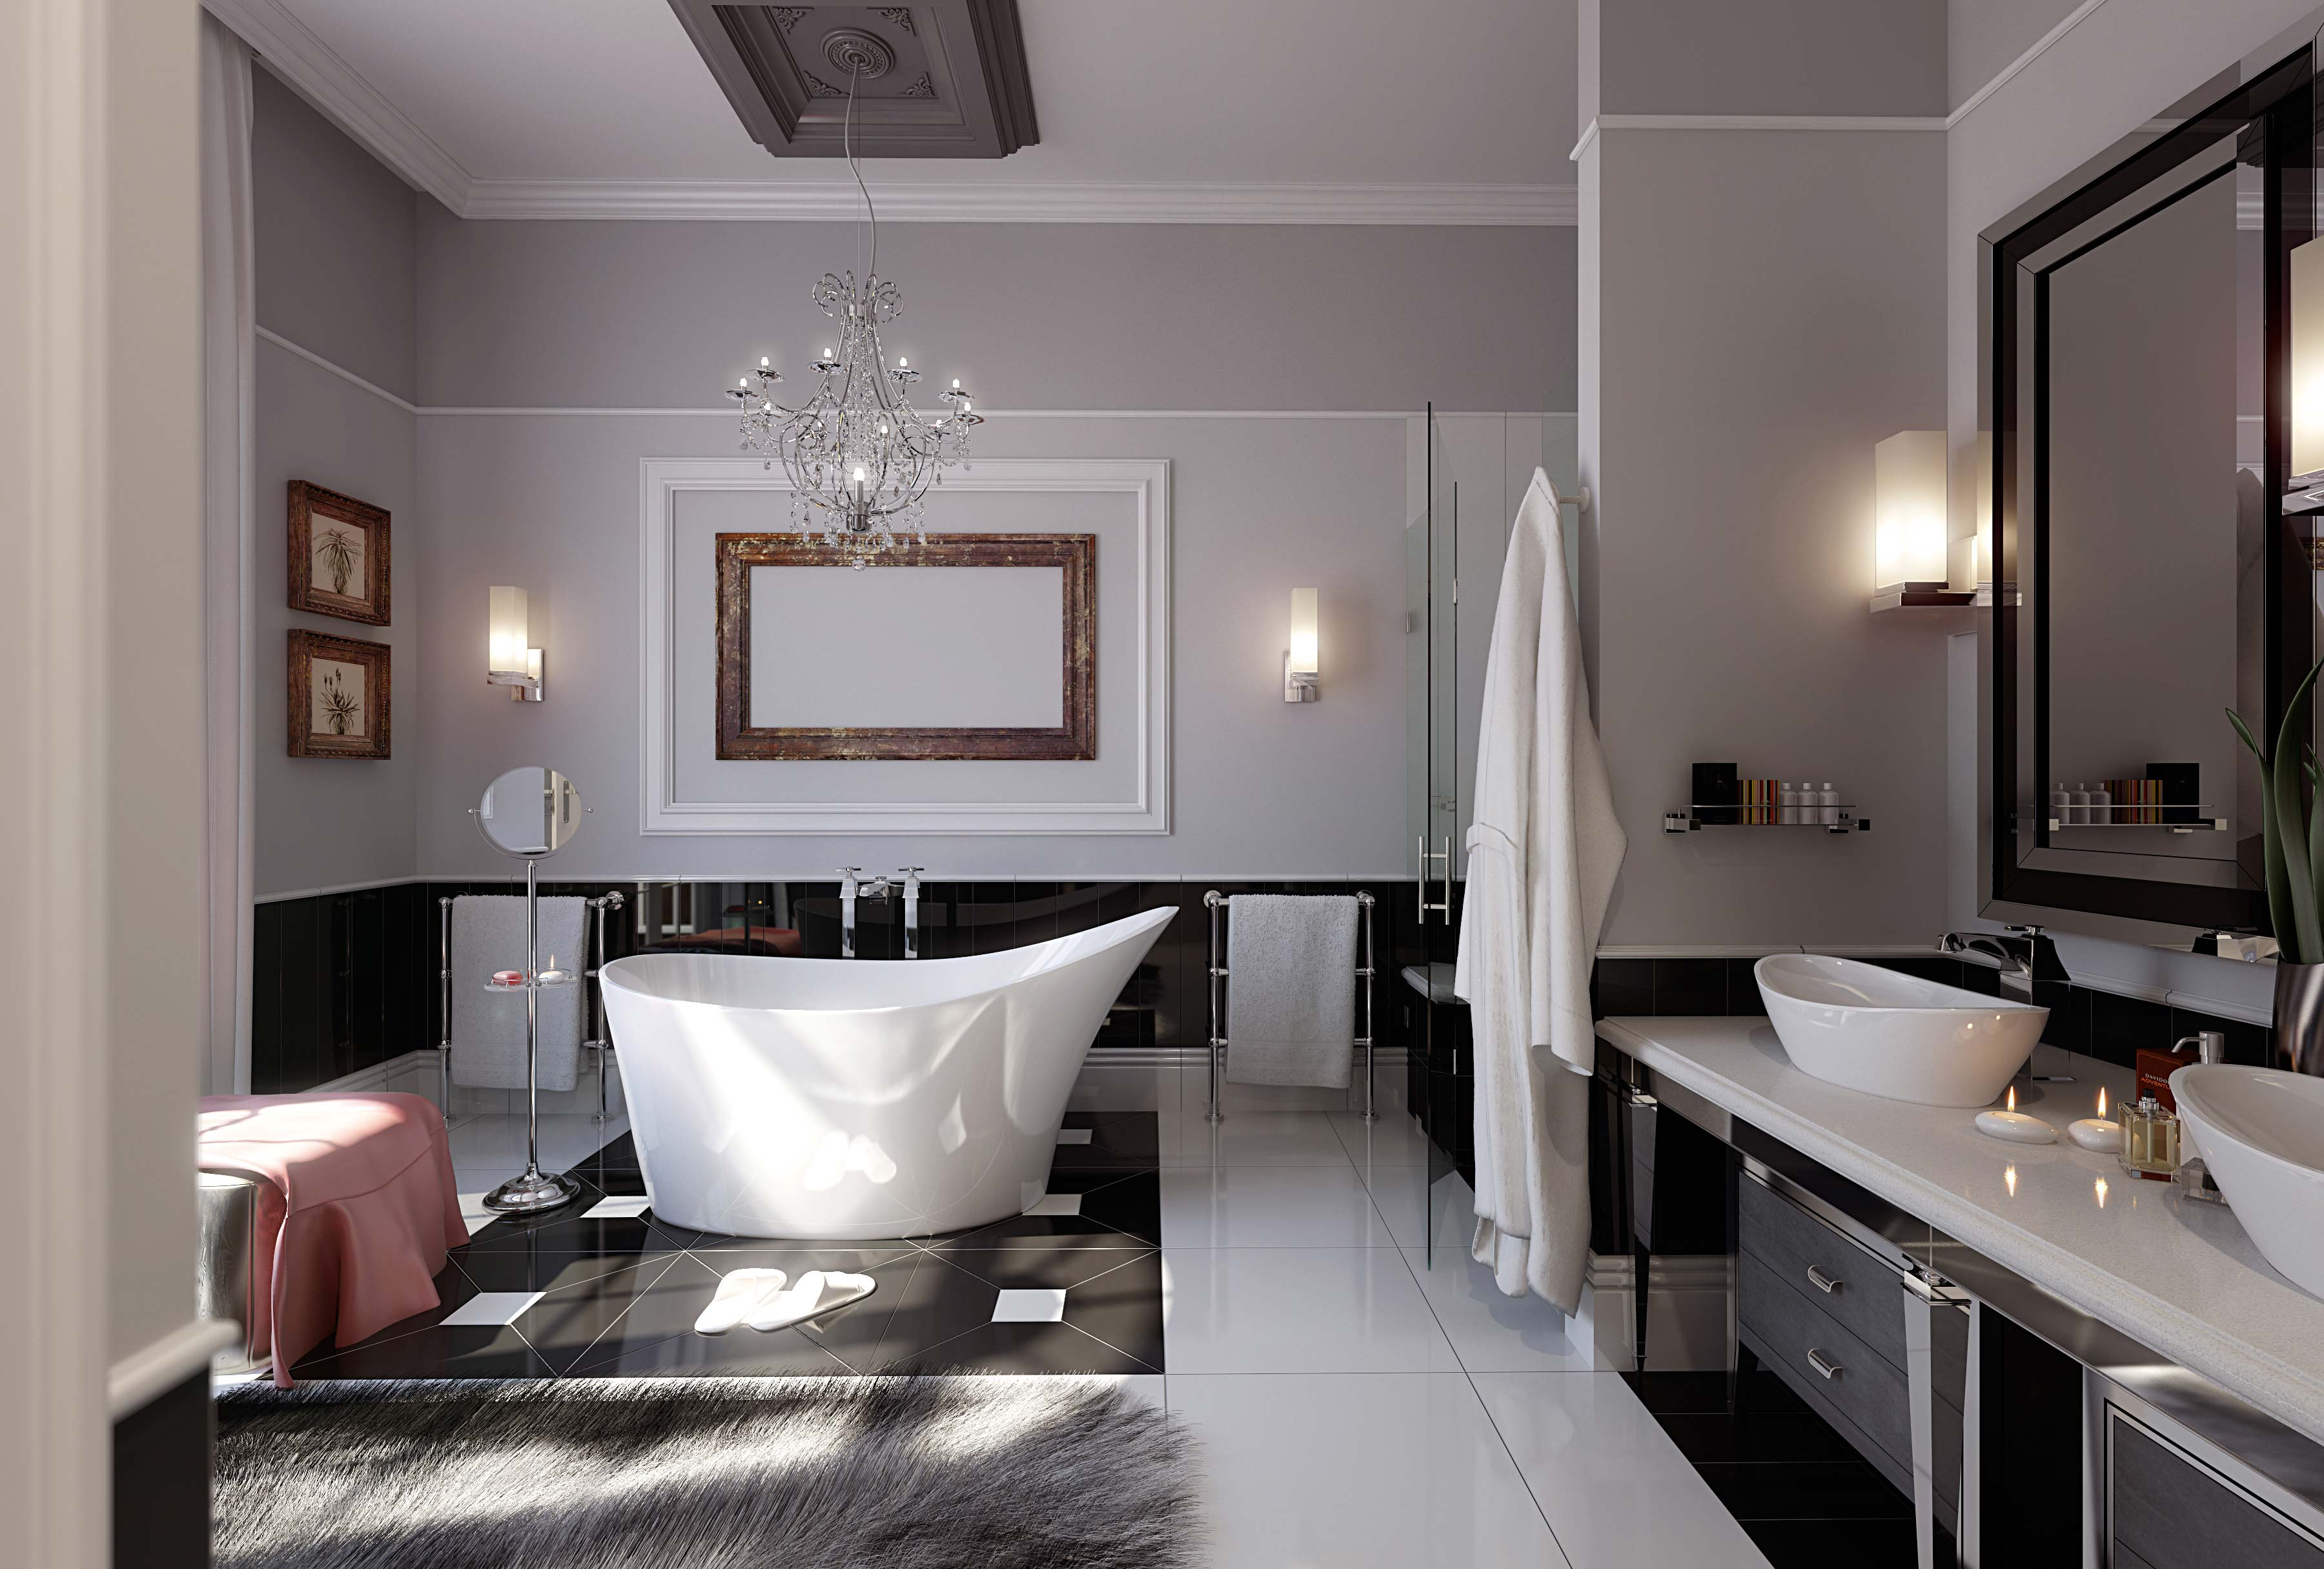 a fur rug in a bathroom of Best Modern Bathroom Inspirations